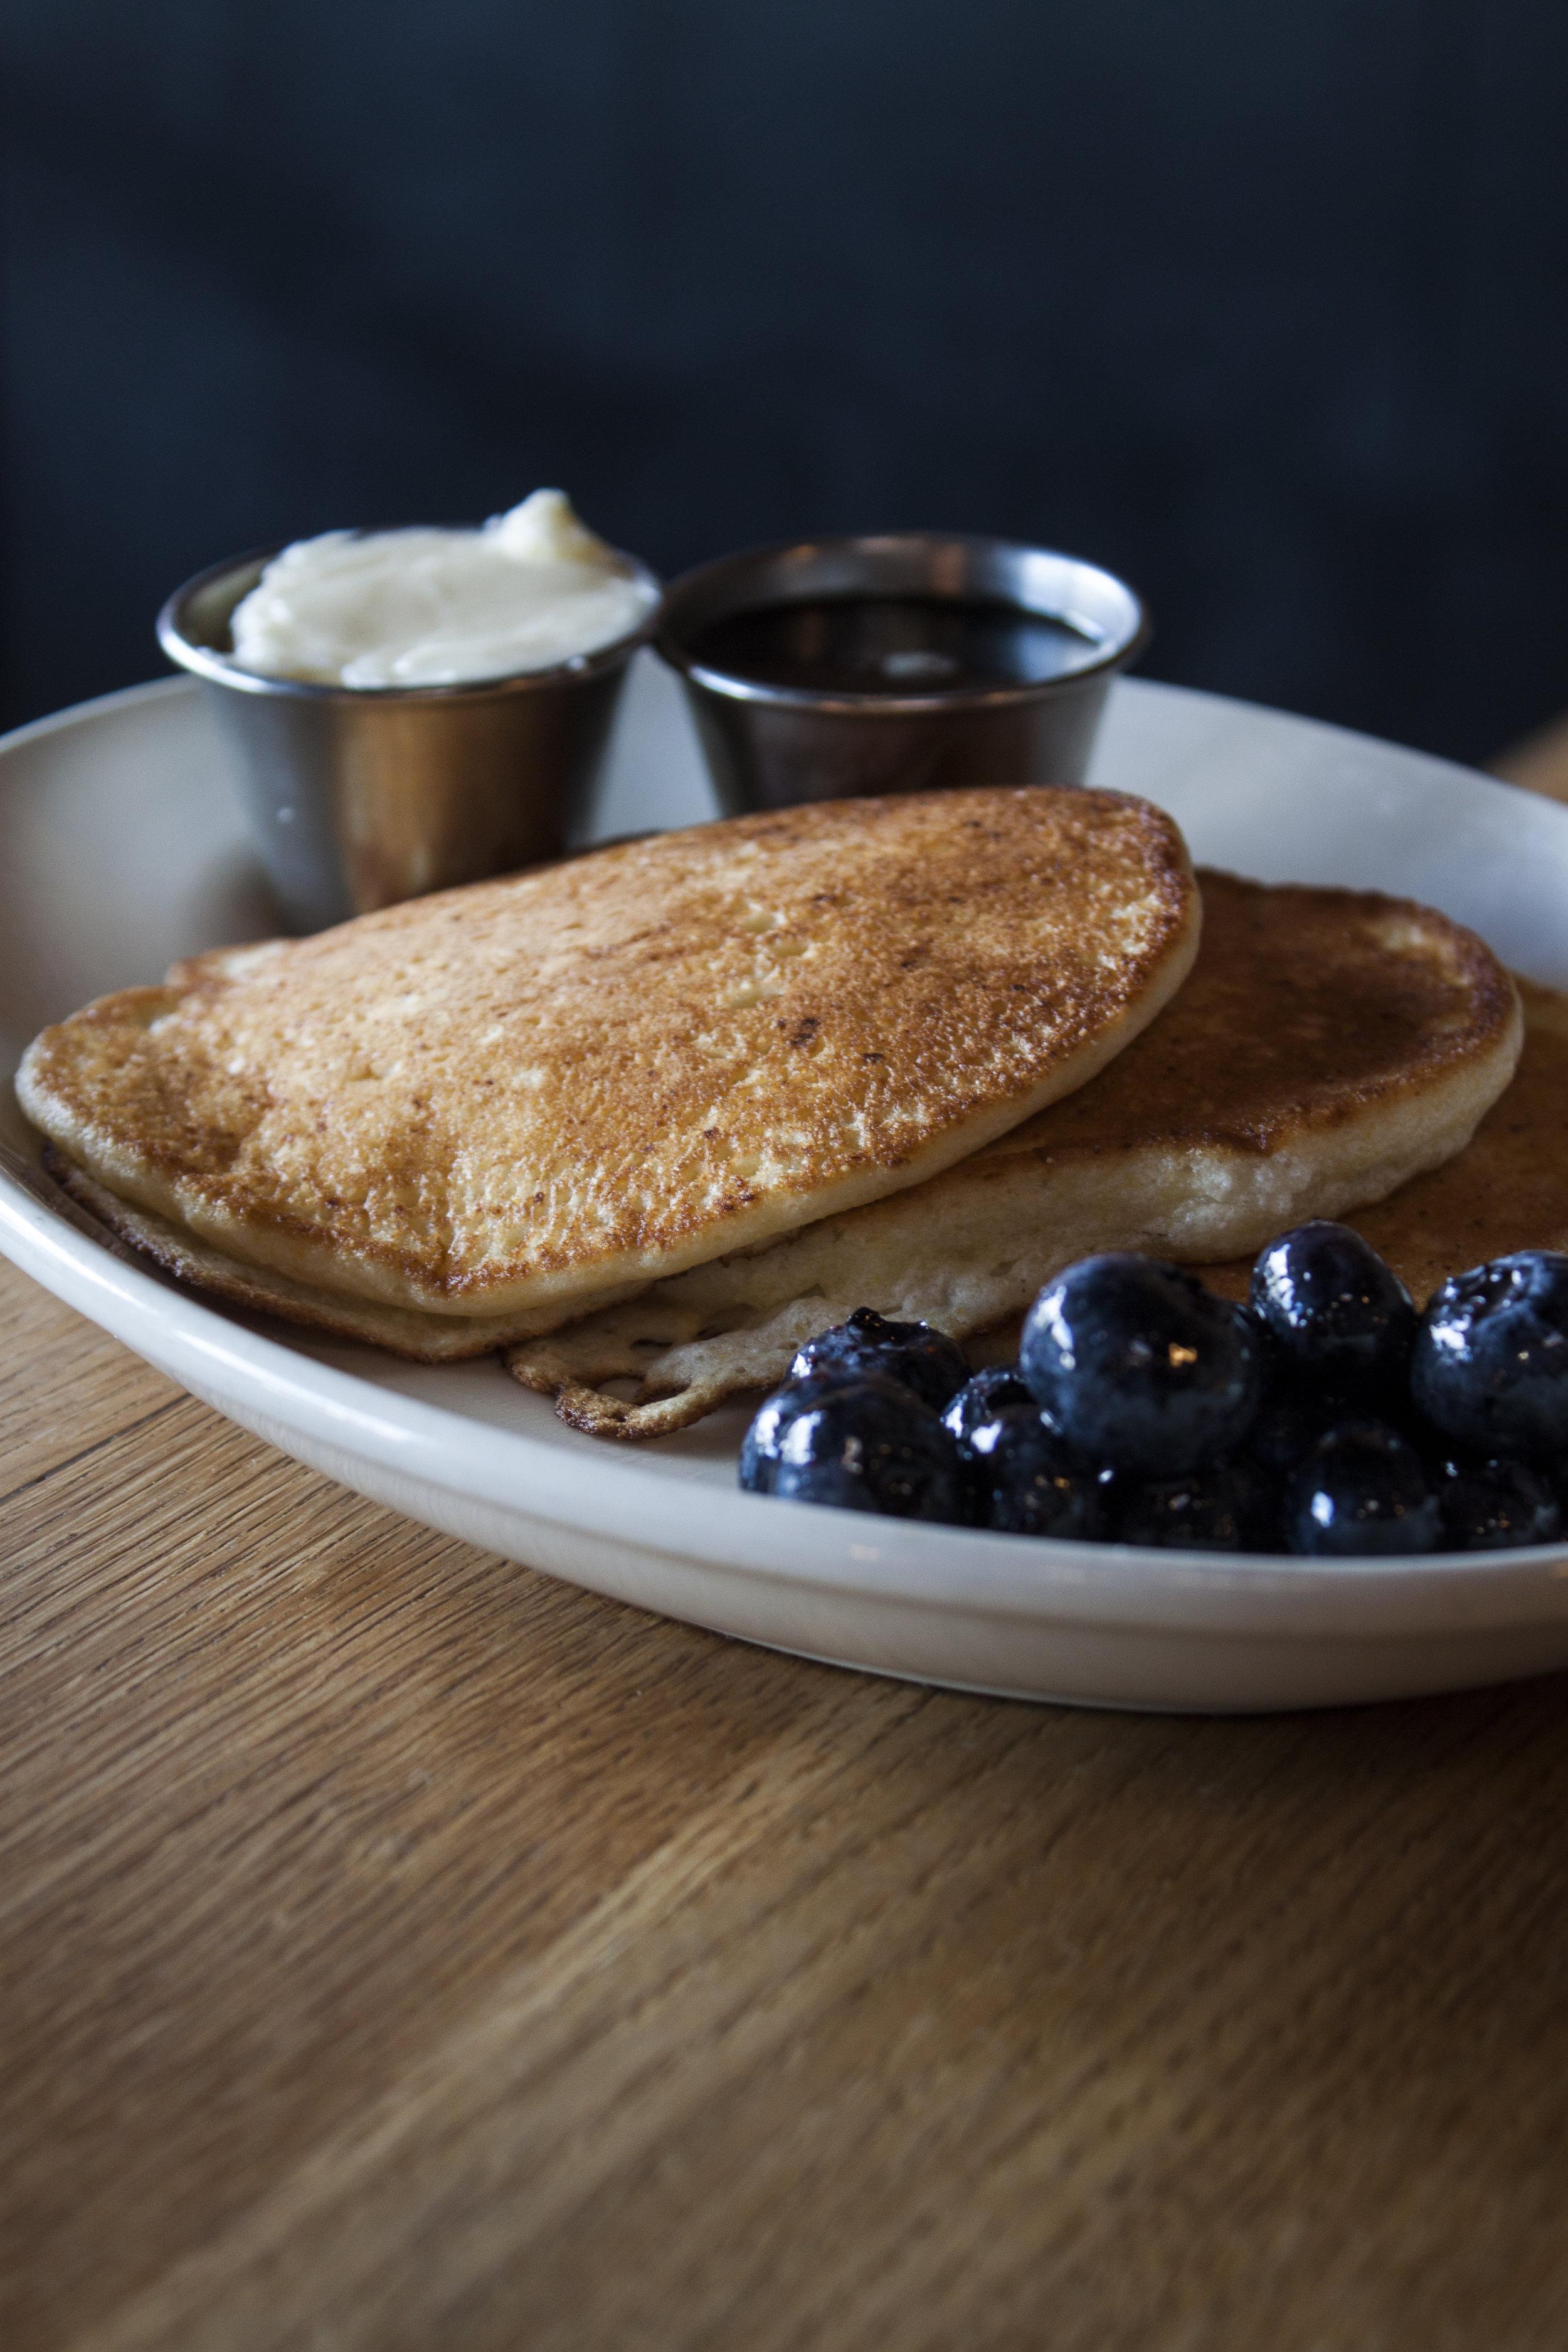 Best Pancakes in LA. Best Pancakes in Los Angeles. Odys Penelope Brunch.Odys + Penelope. Top 10 Food Blogs. Top blog sites.